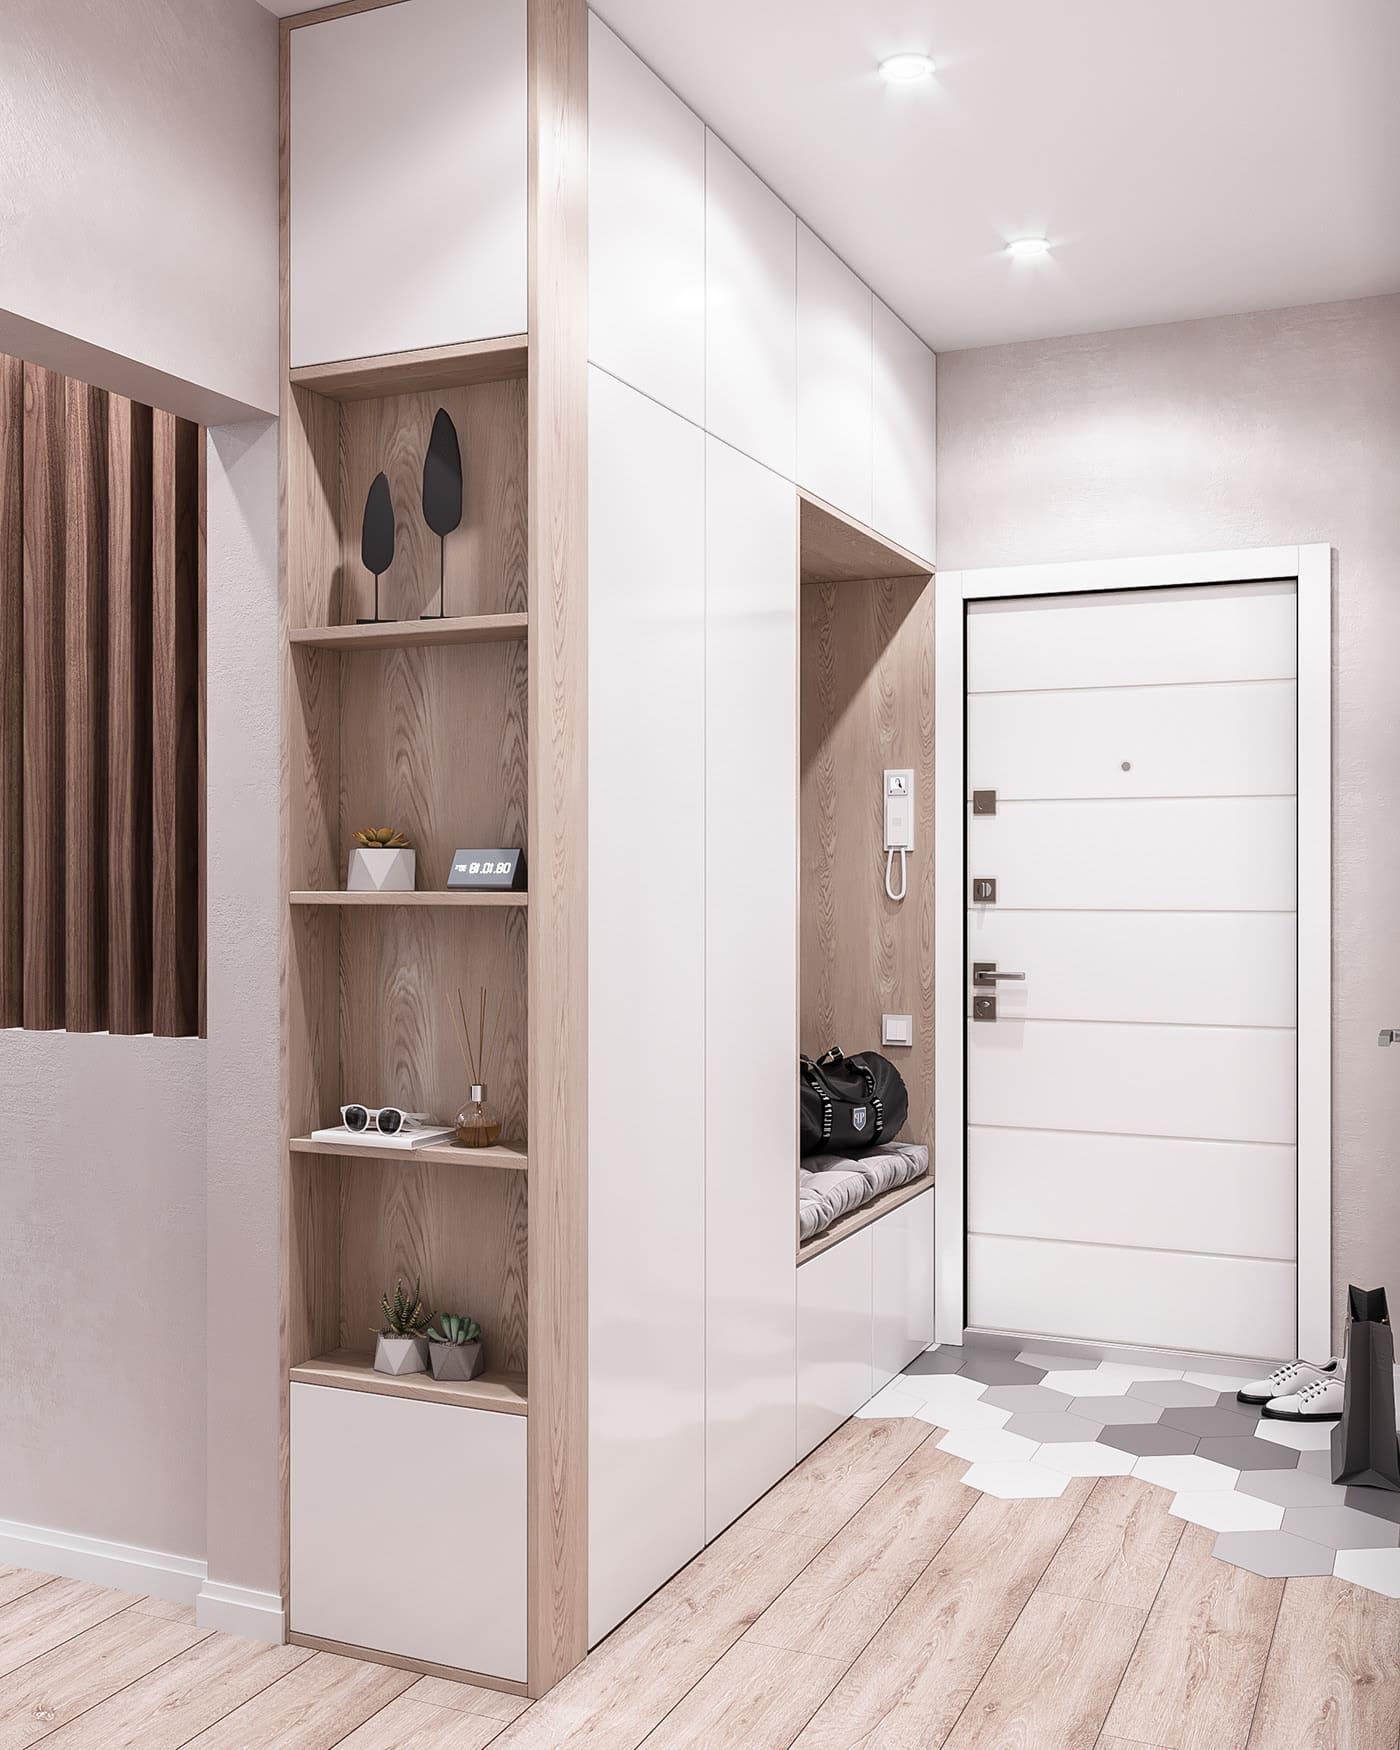 conception d'un appartement d'une pièce photo 69